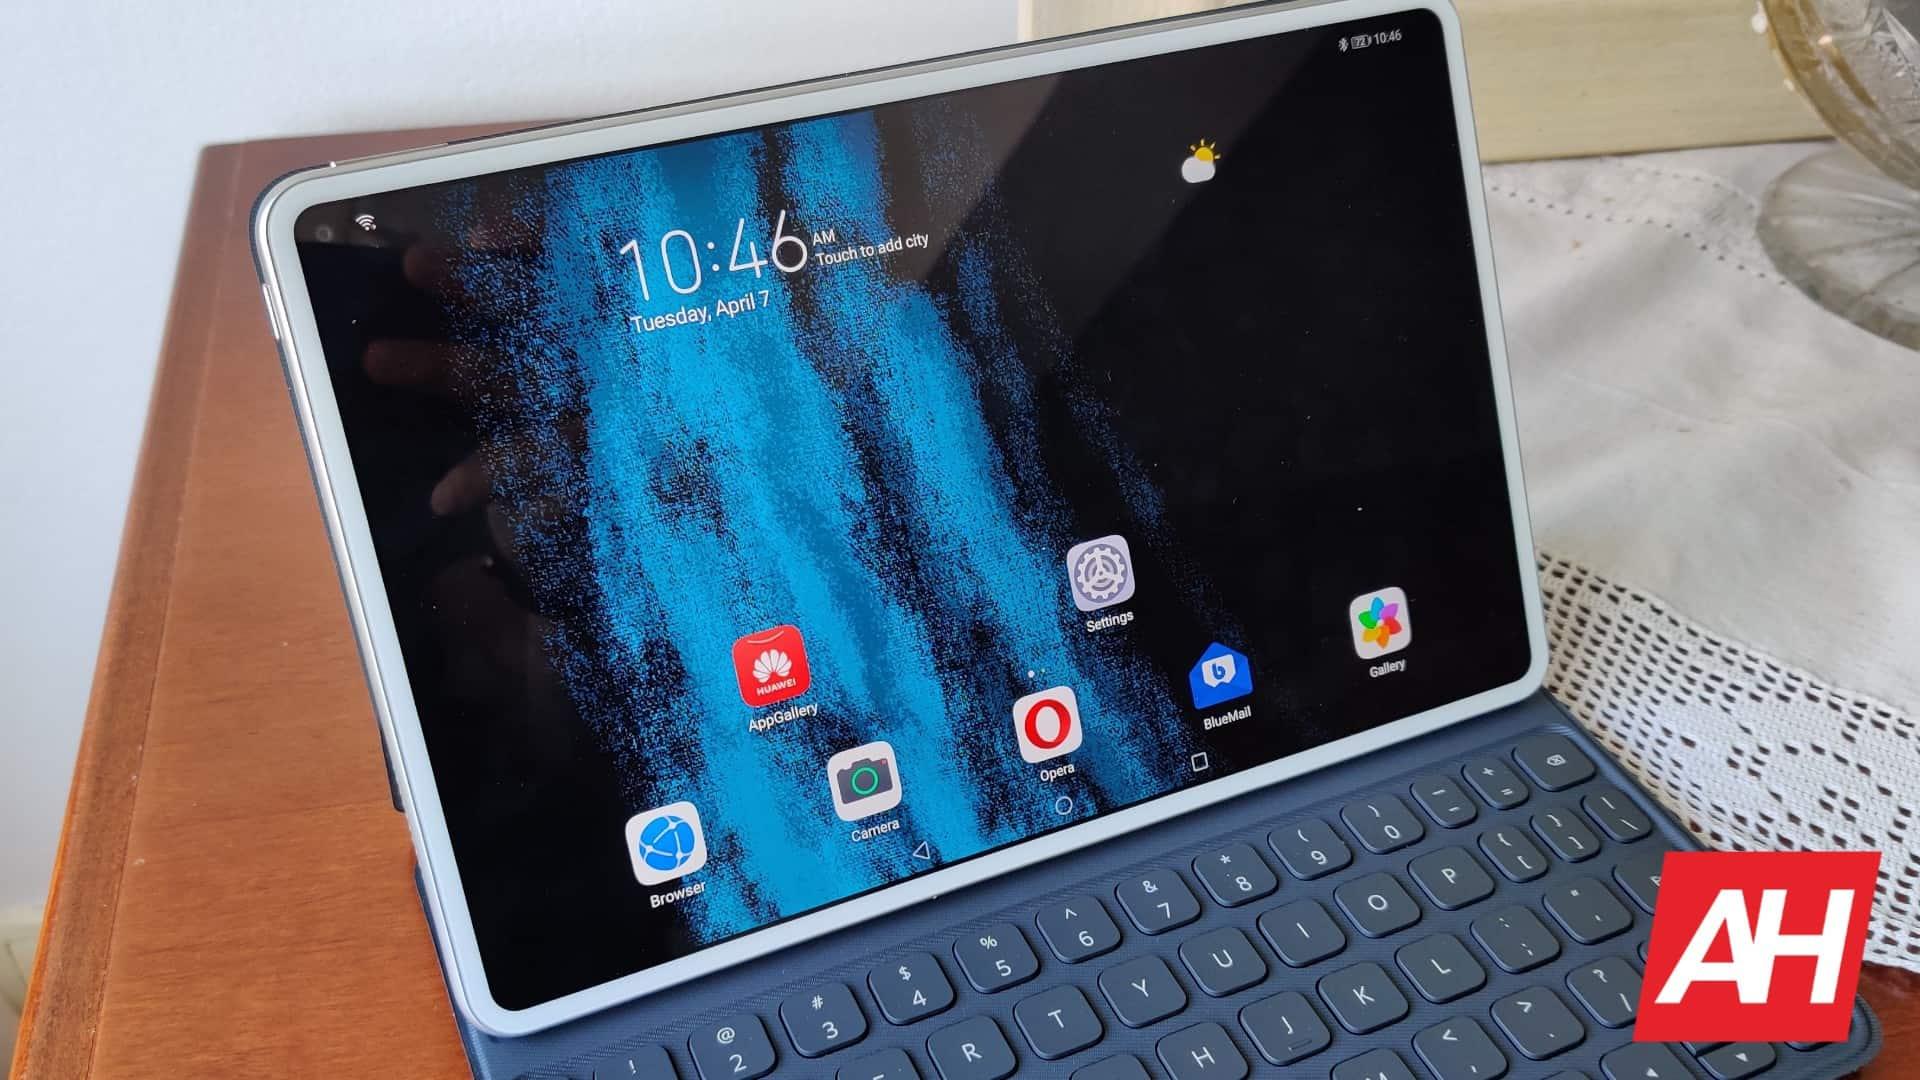 AH Huawei MatePad Pro image 4